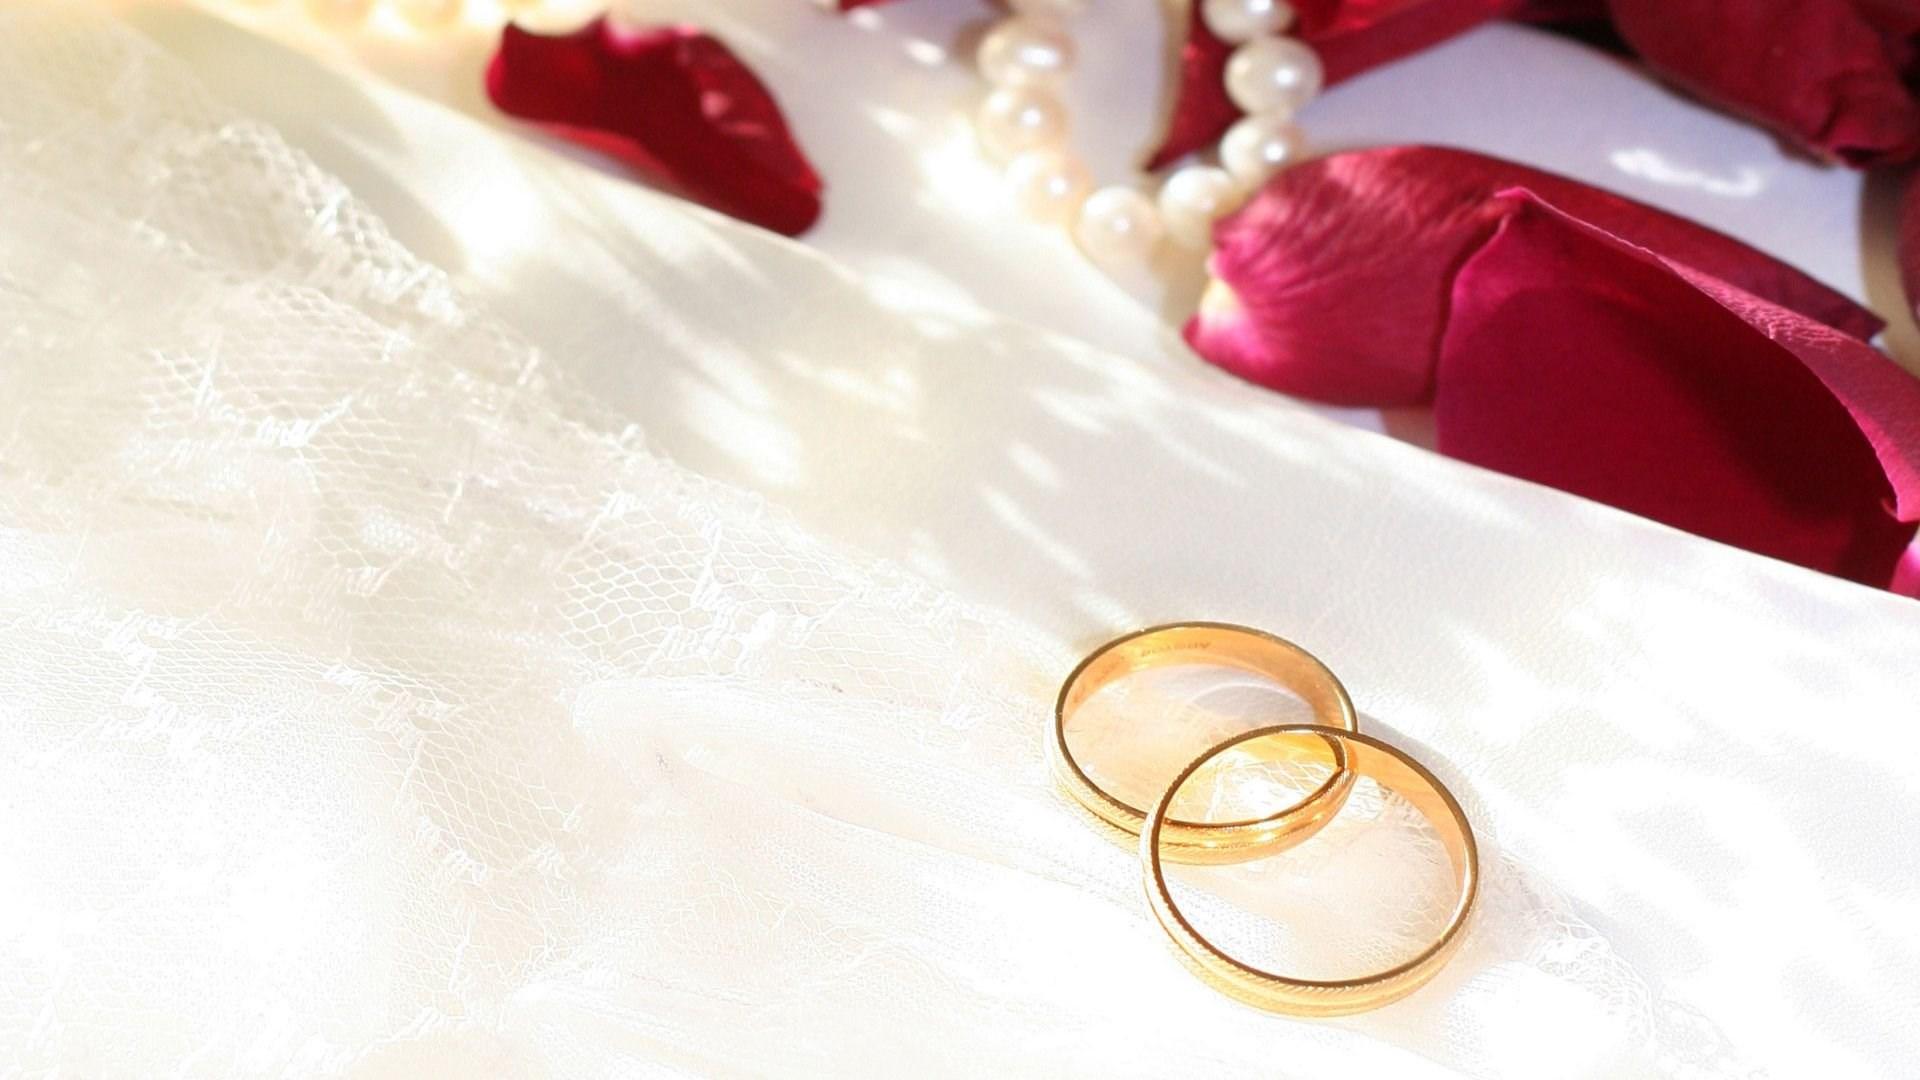 Free wedding photo backgrounds